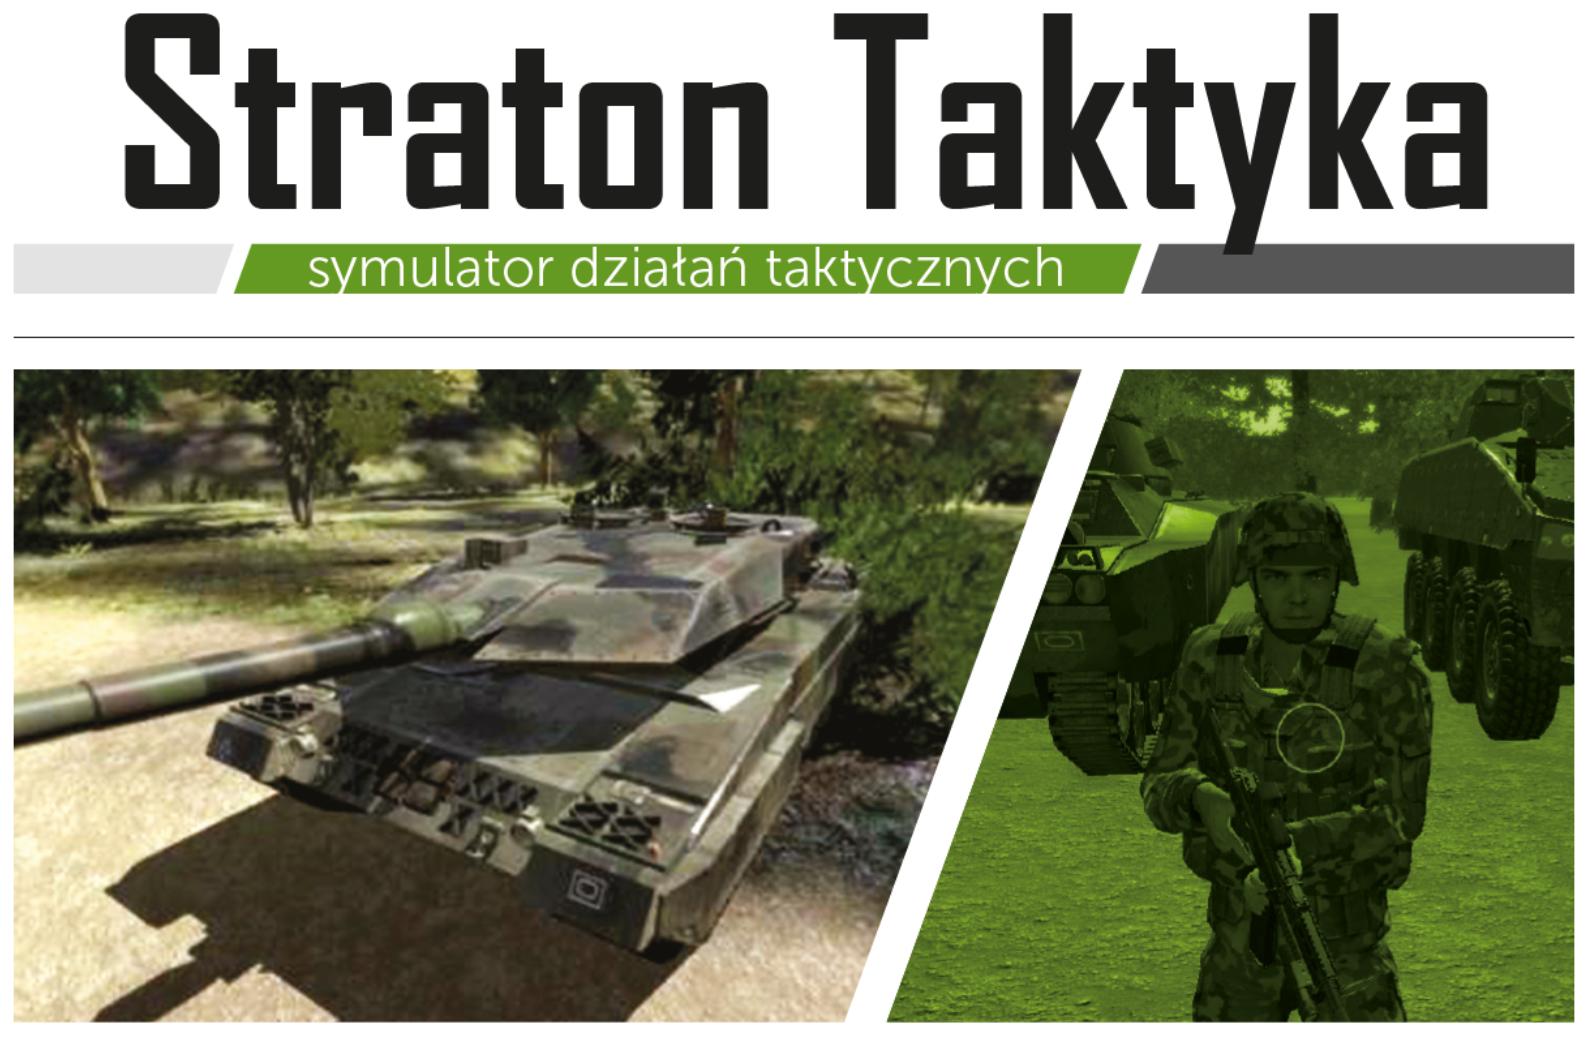 Symulator Działań Taktycznych